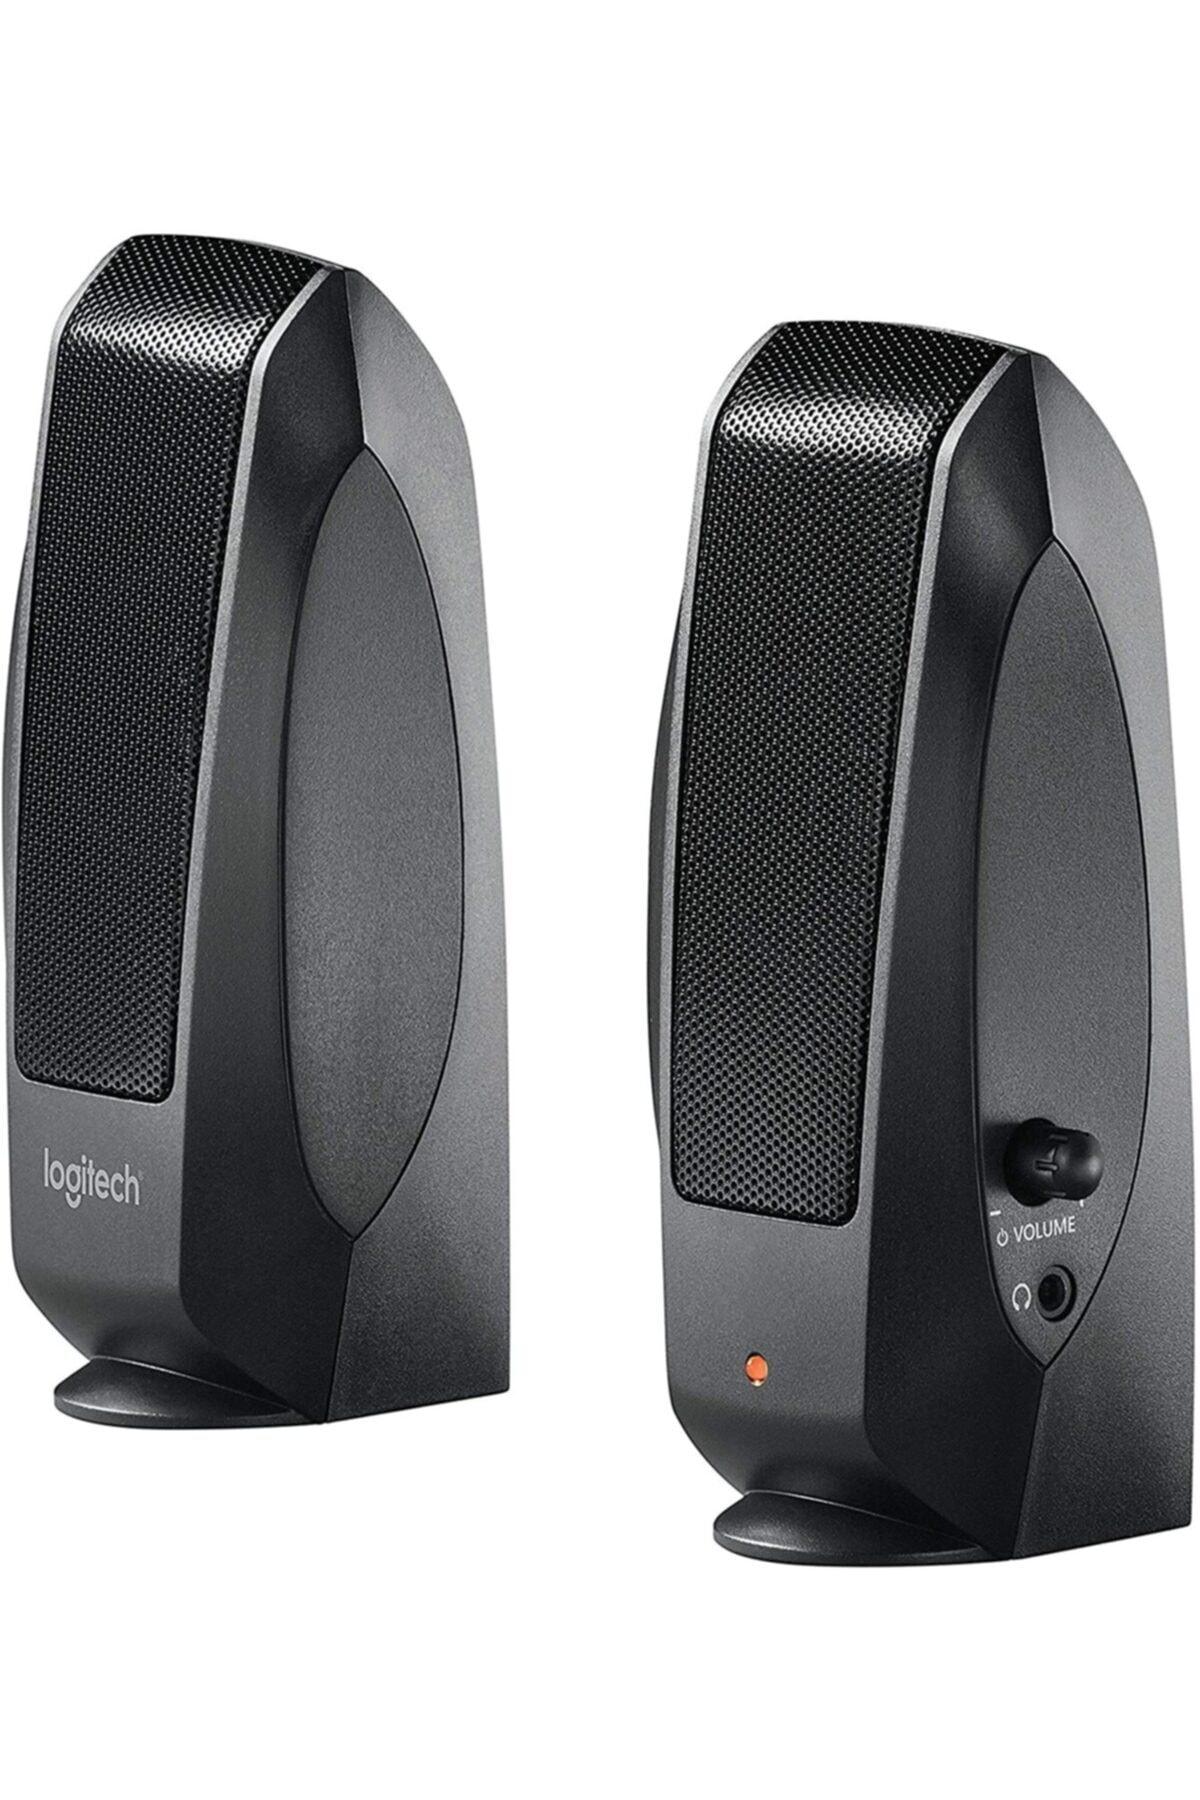 S120 1+1 Siyah Speaker Yeni Seri Rms 4.4w 980-000010